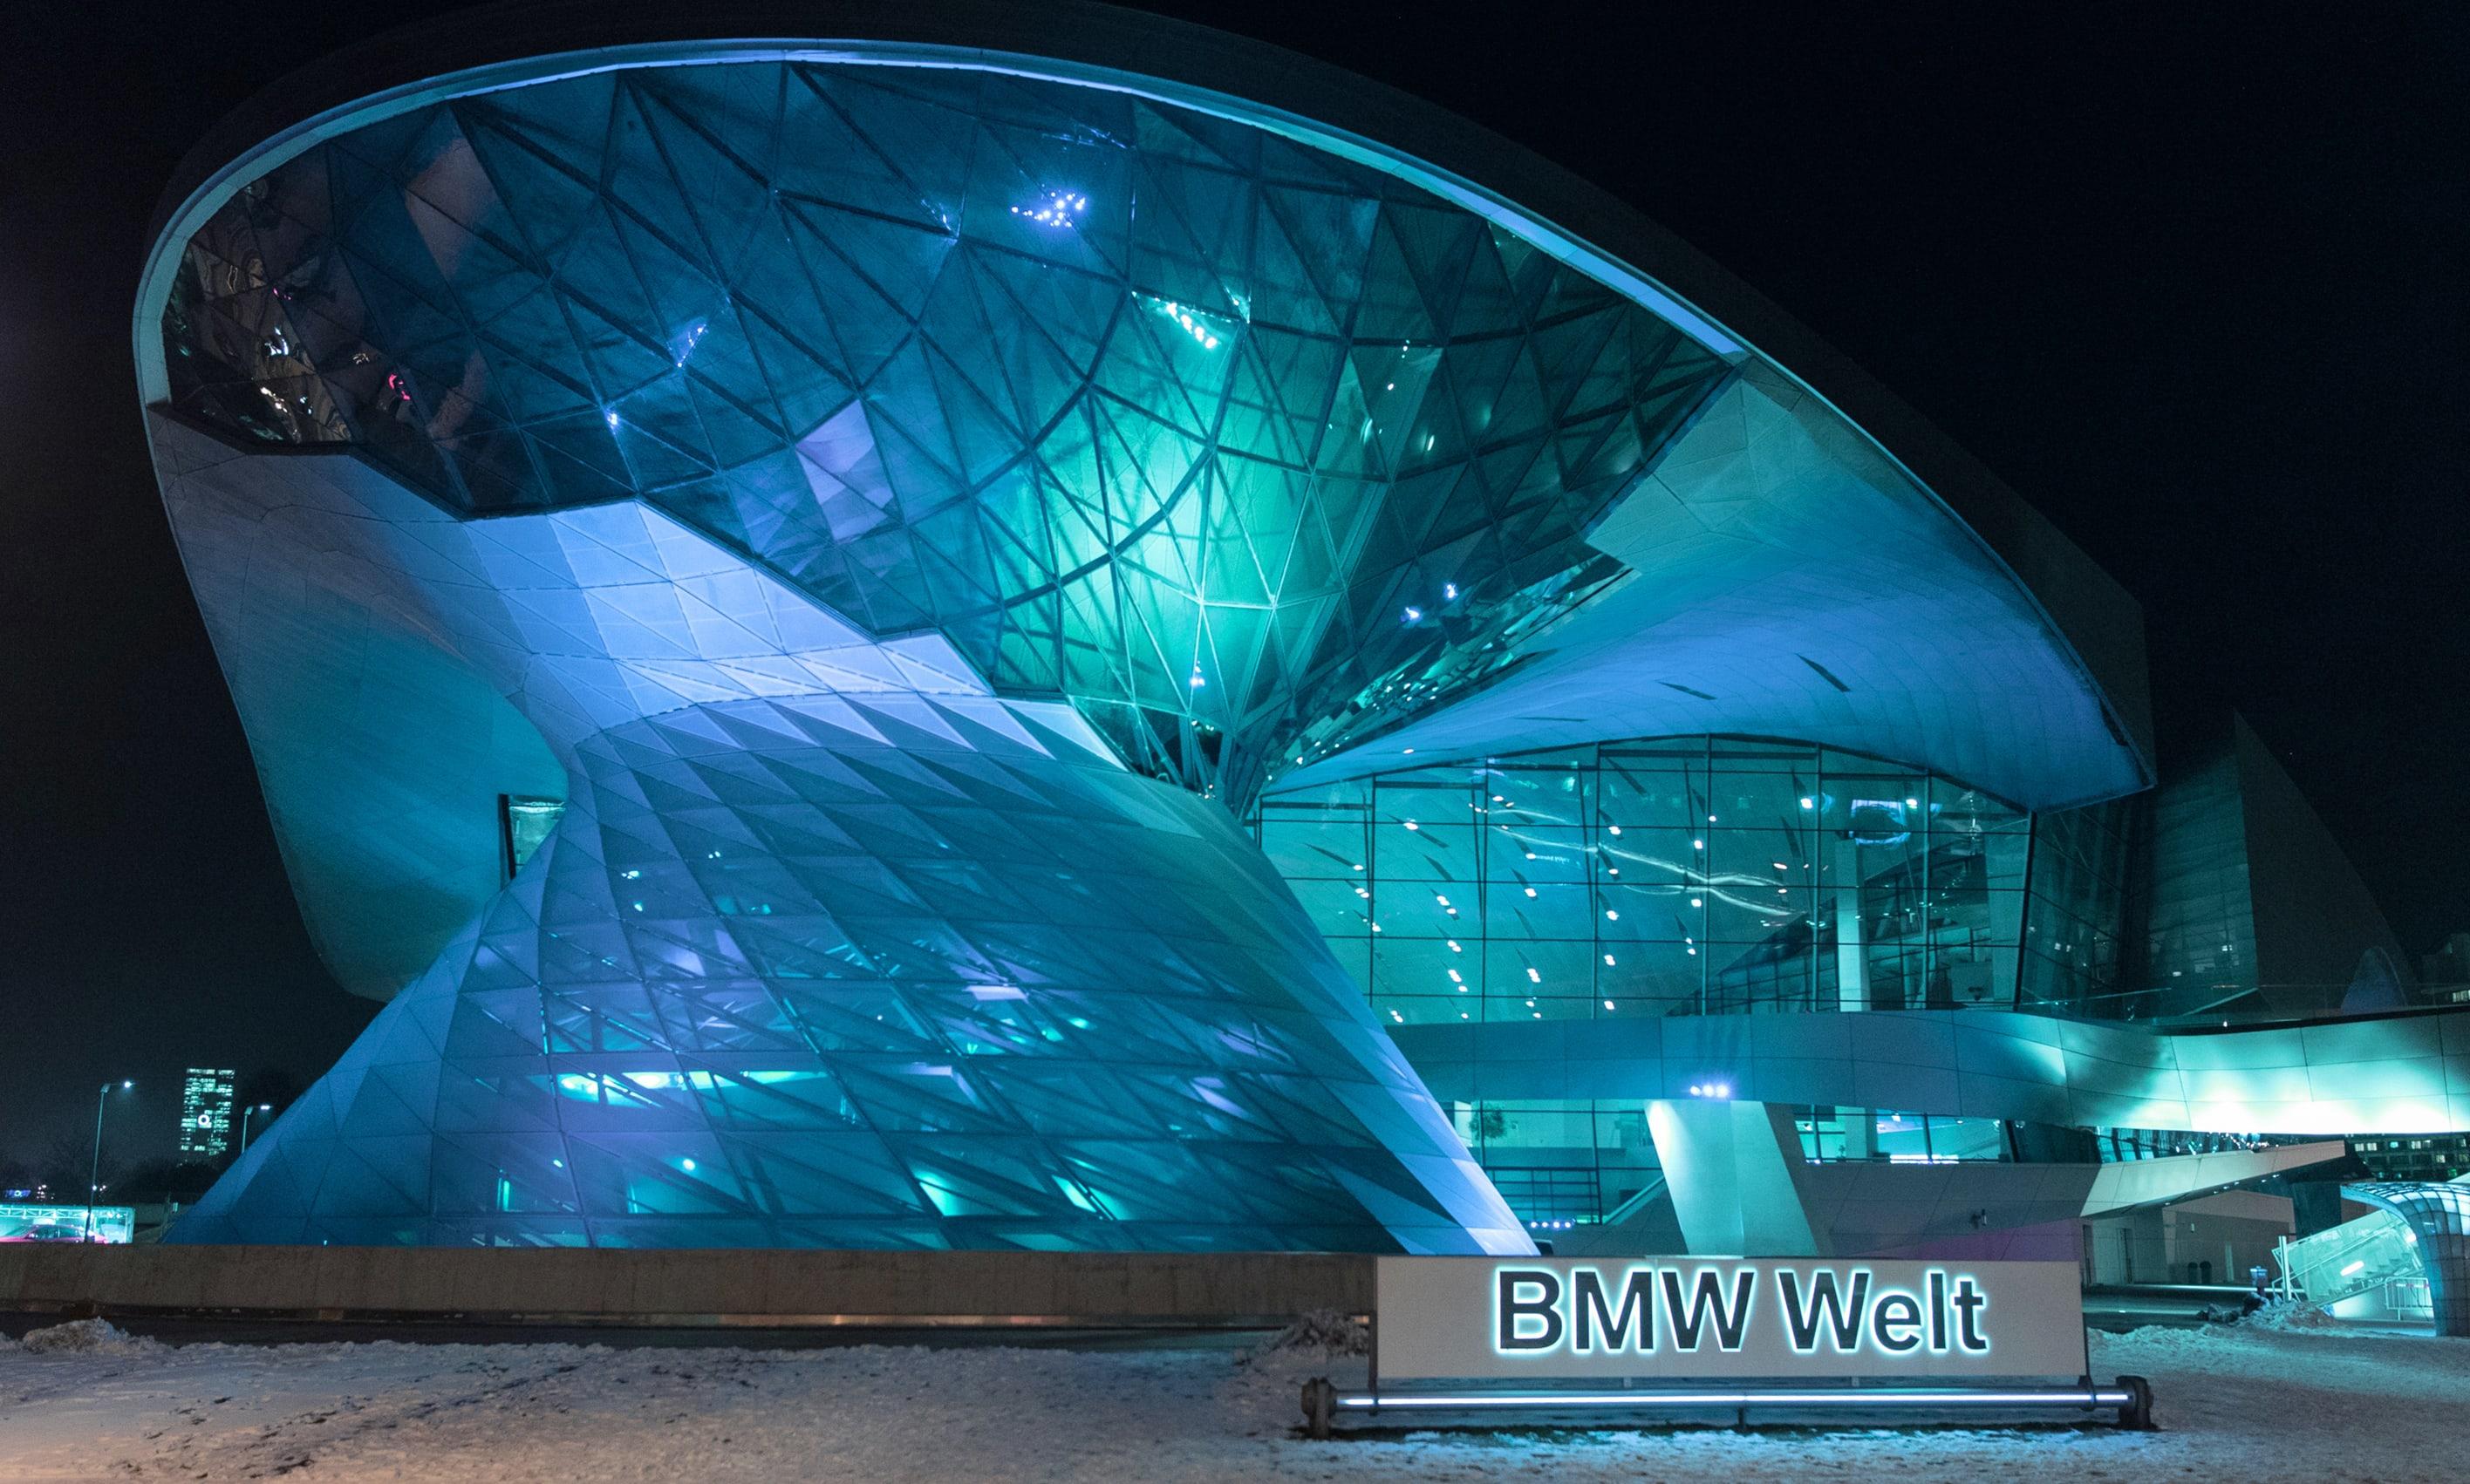 BMW Welt München von außen